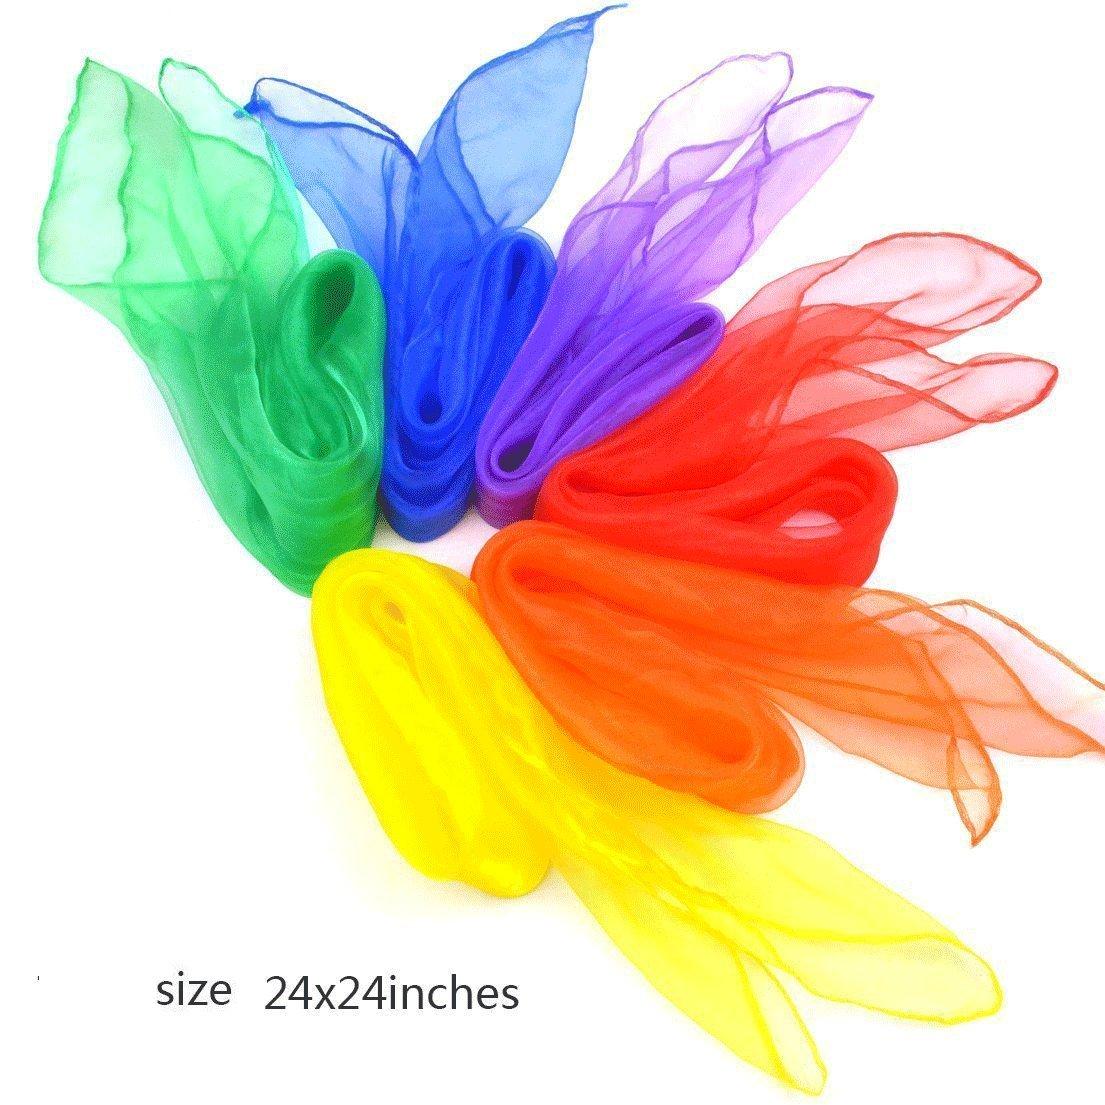 Simuer Jonglier T/ücher Tanz Performance Schals Square Jongliert/ücher Magische Tanzen Schal Kinder Spielen Sinnesspielzeug 12 St/ück